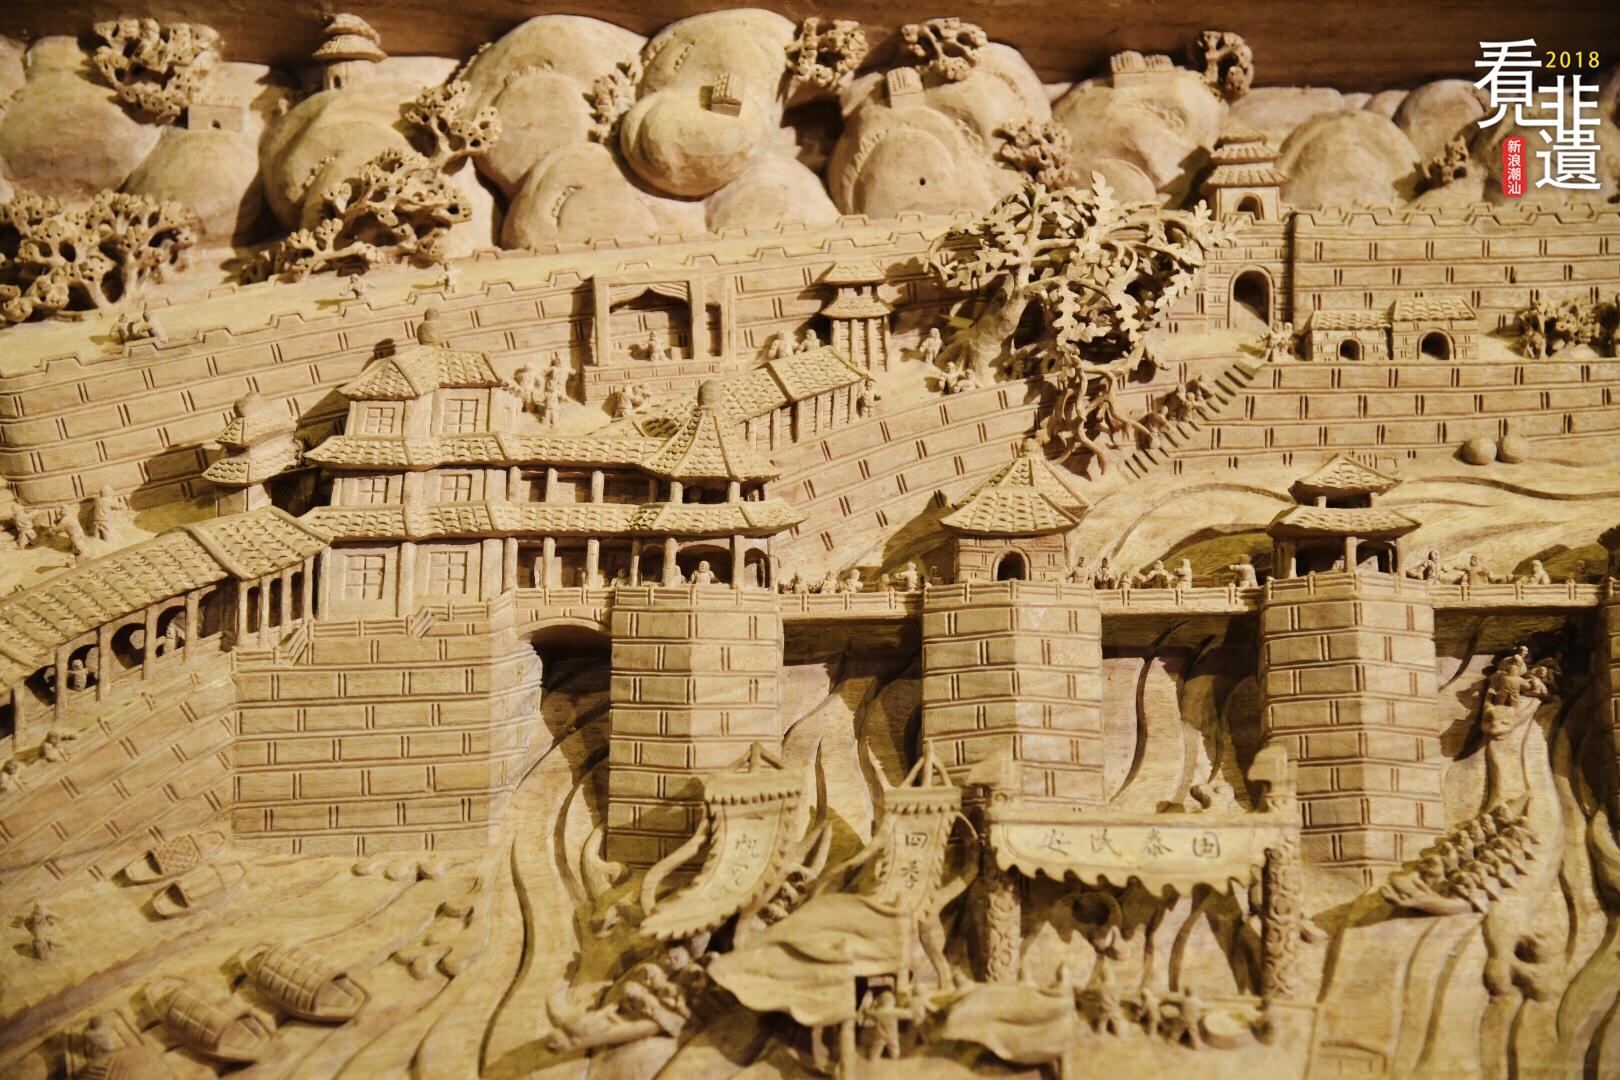 潮州木雕:精雕细琢刻人生